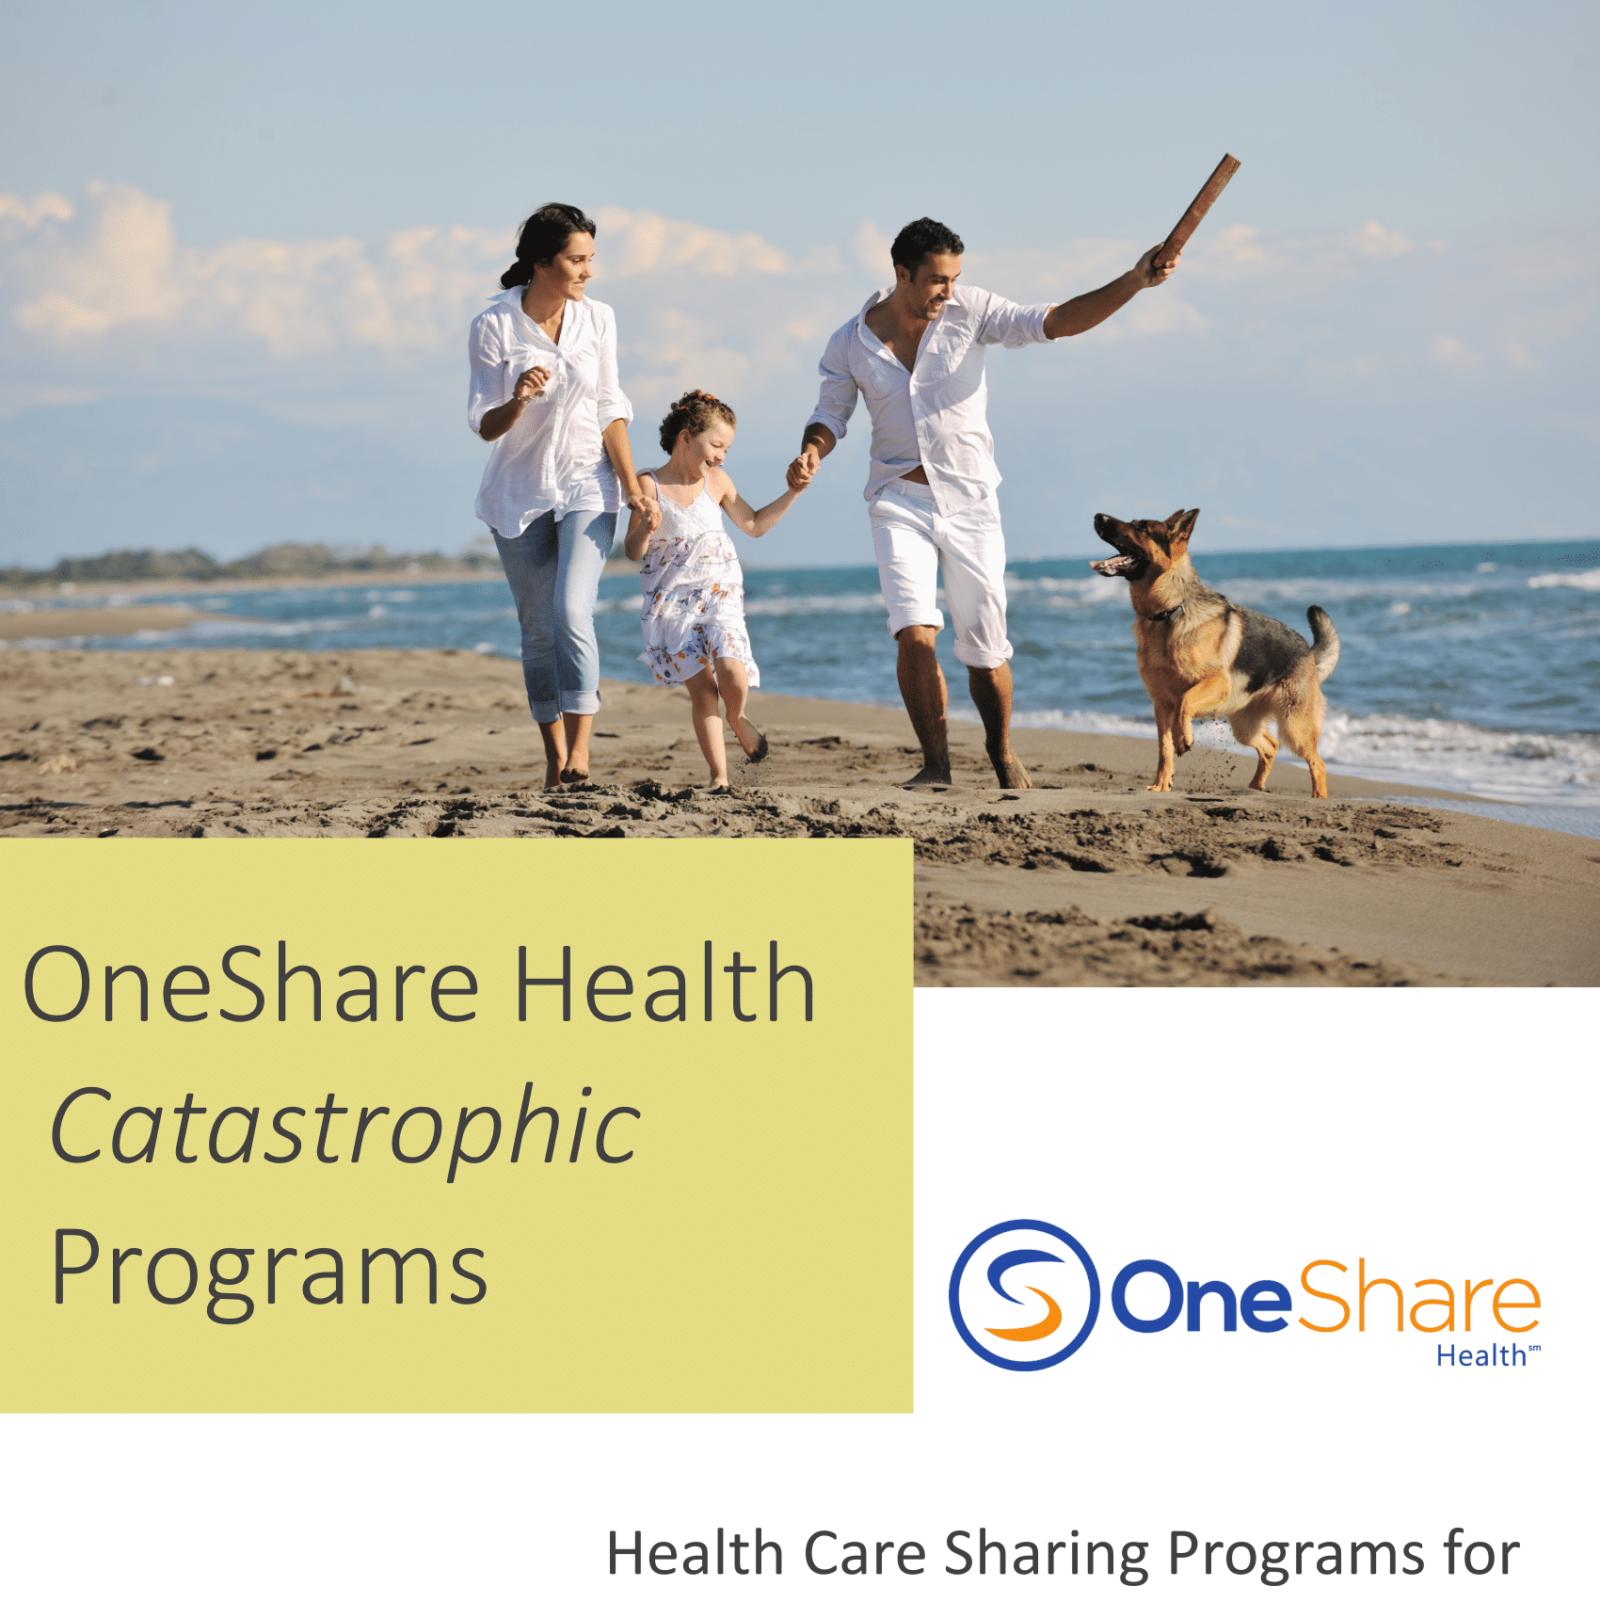 OneShare-Health-Catastrophic-Brochure-1